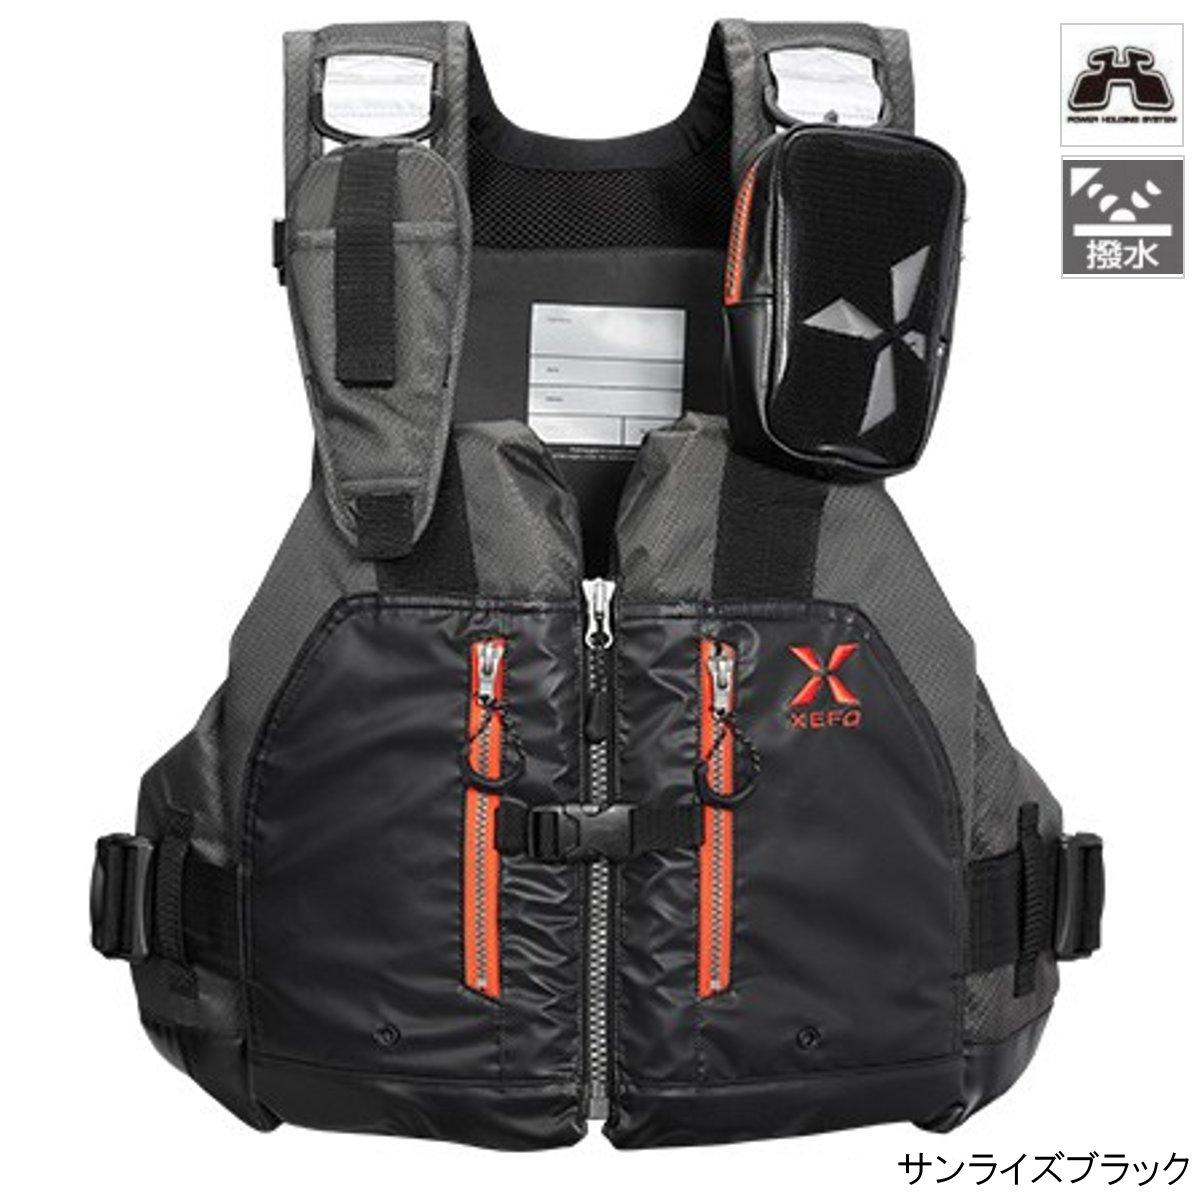 シマノ XEFO ROCK TRAVERSE VEST VF-297Q フリー サンライズブラック